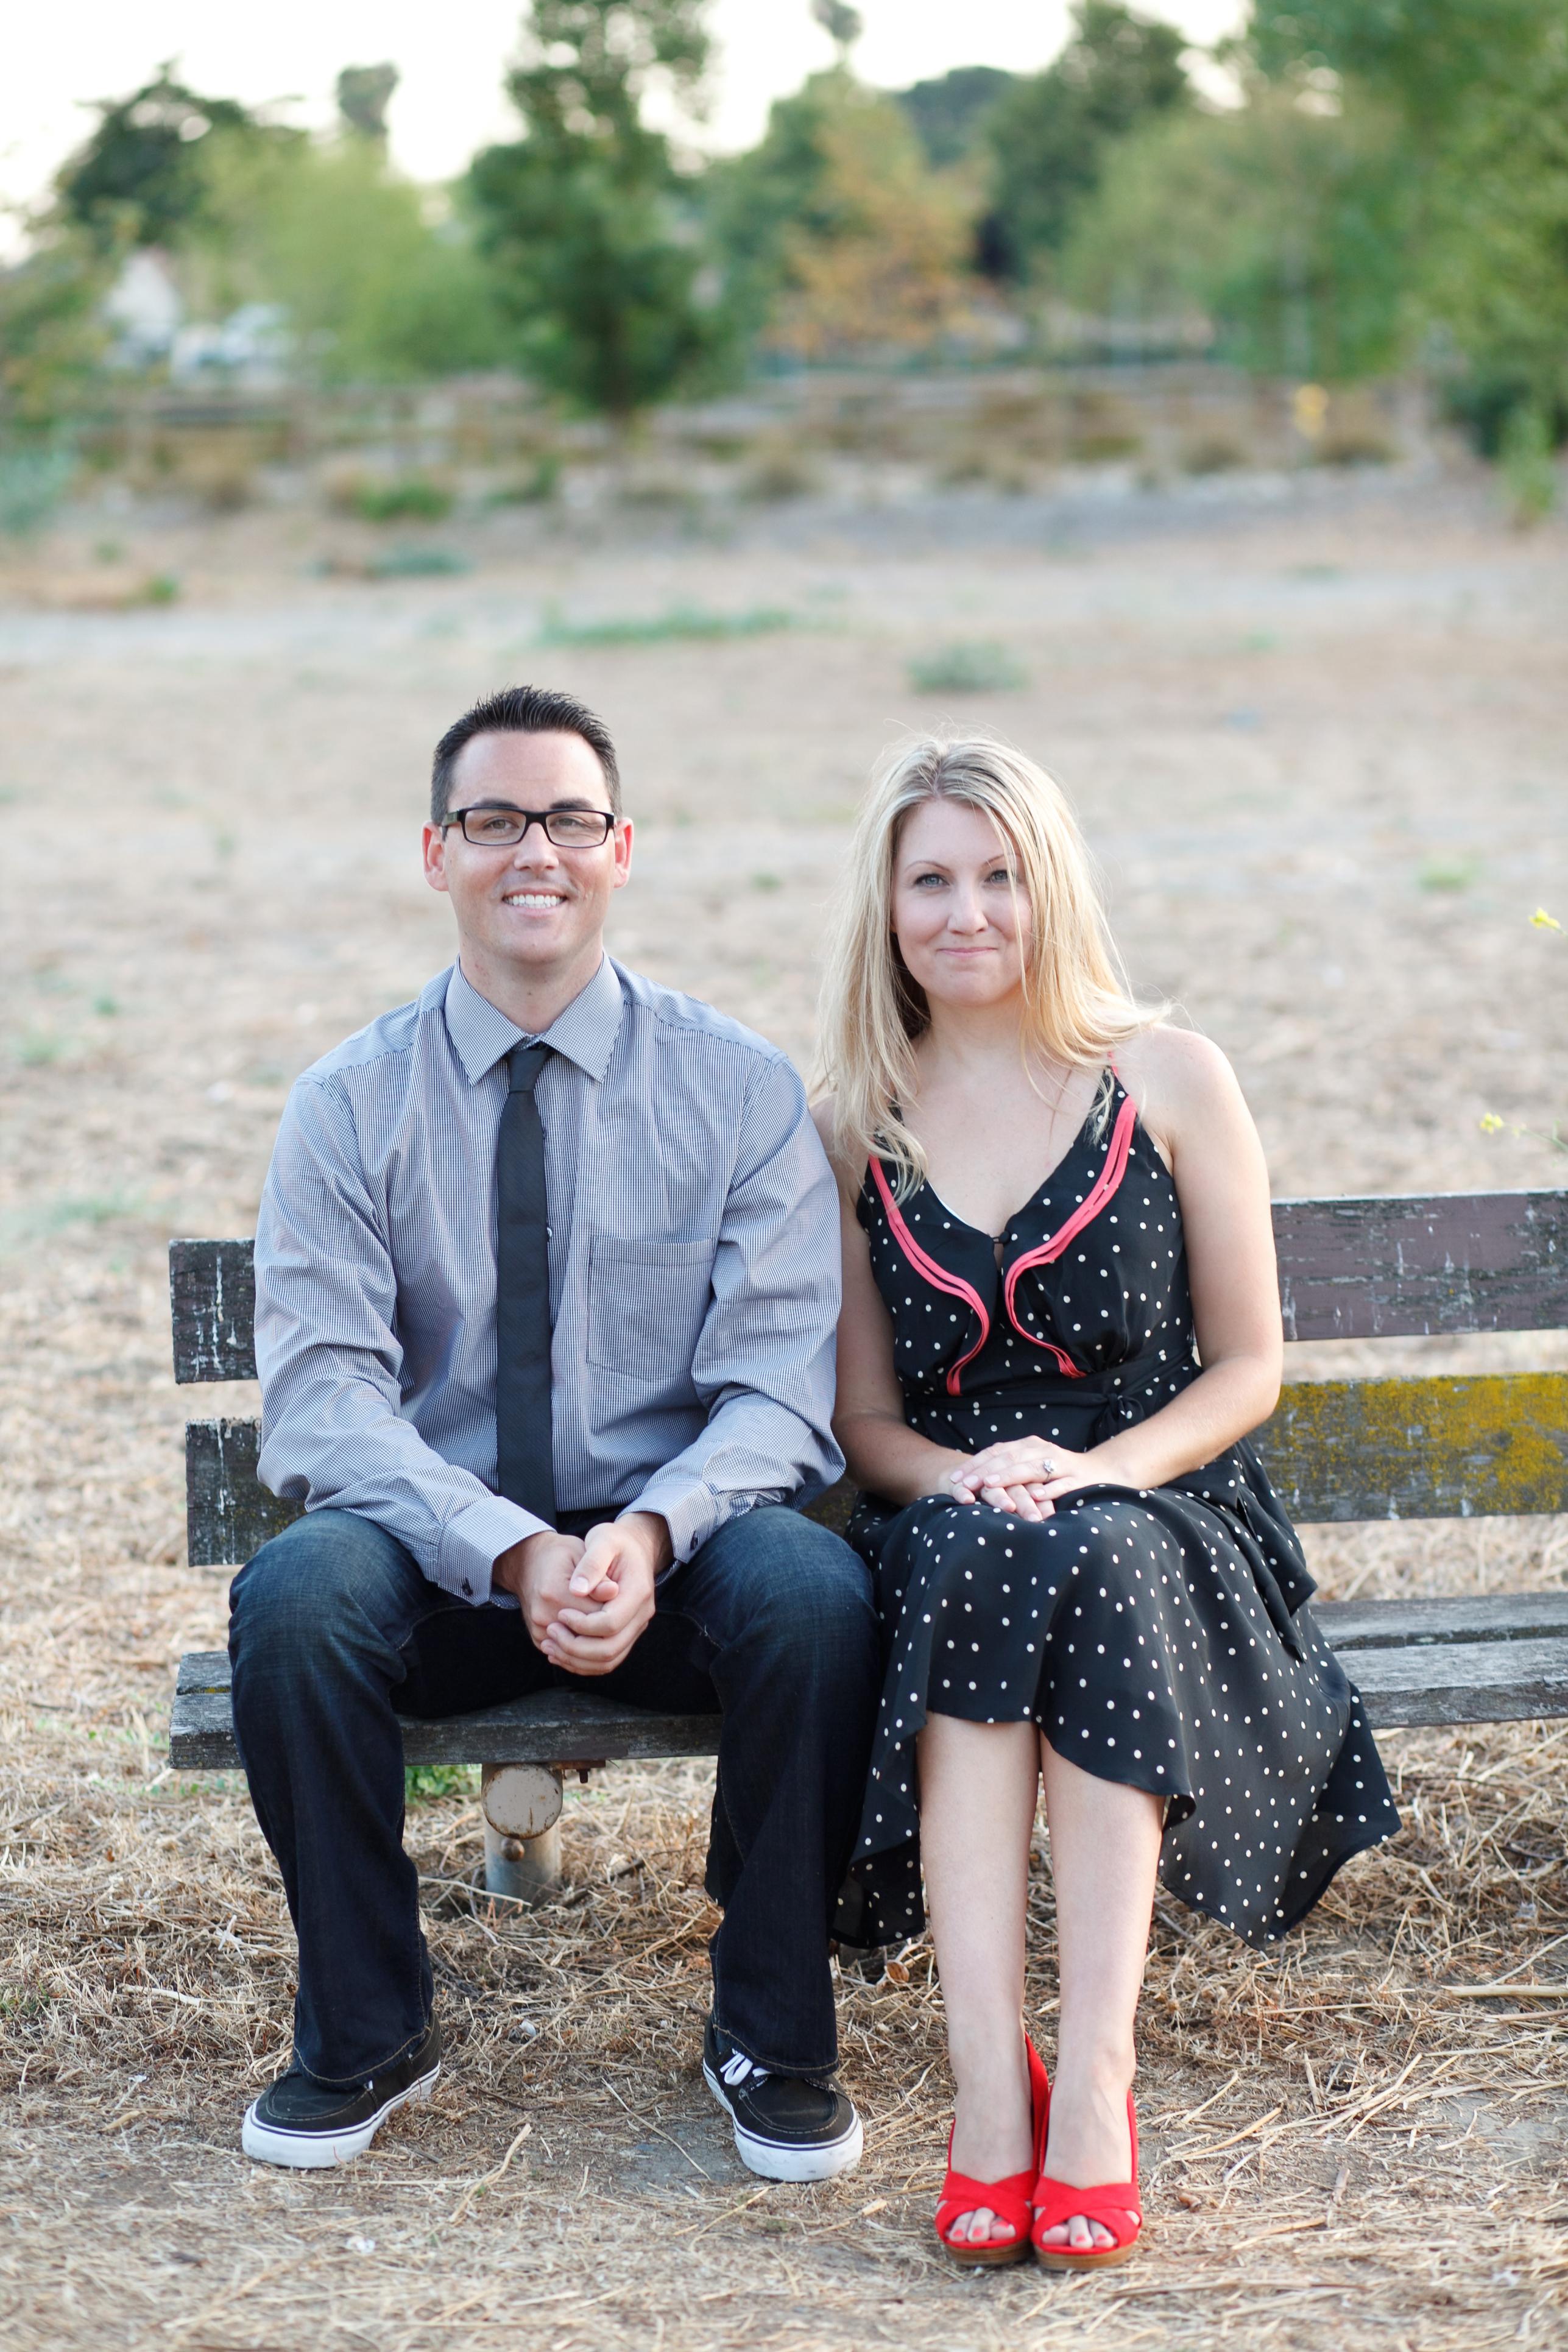 Image 2 of Melanie and Jeret